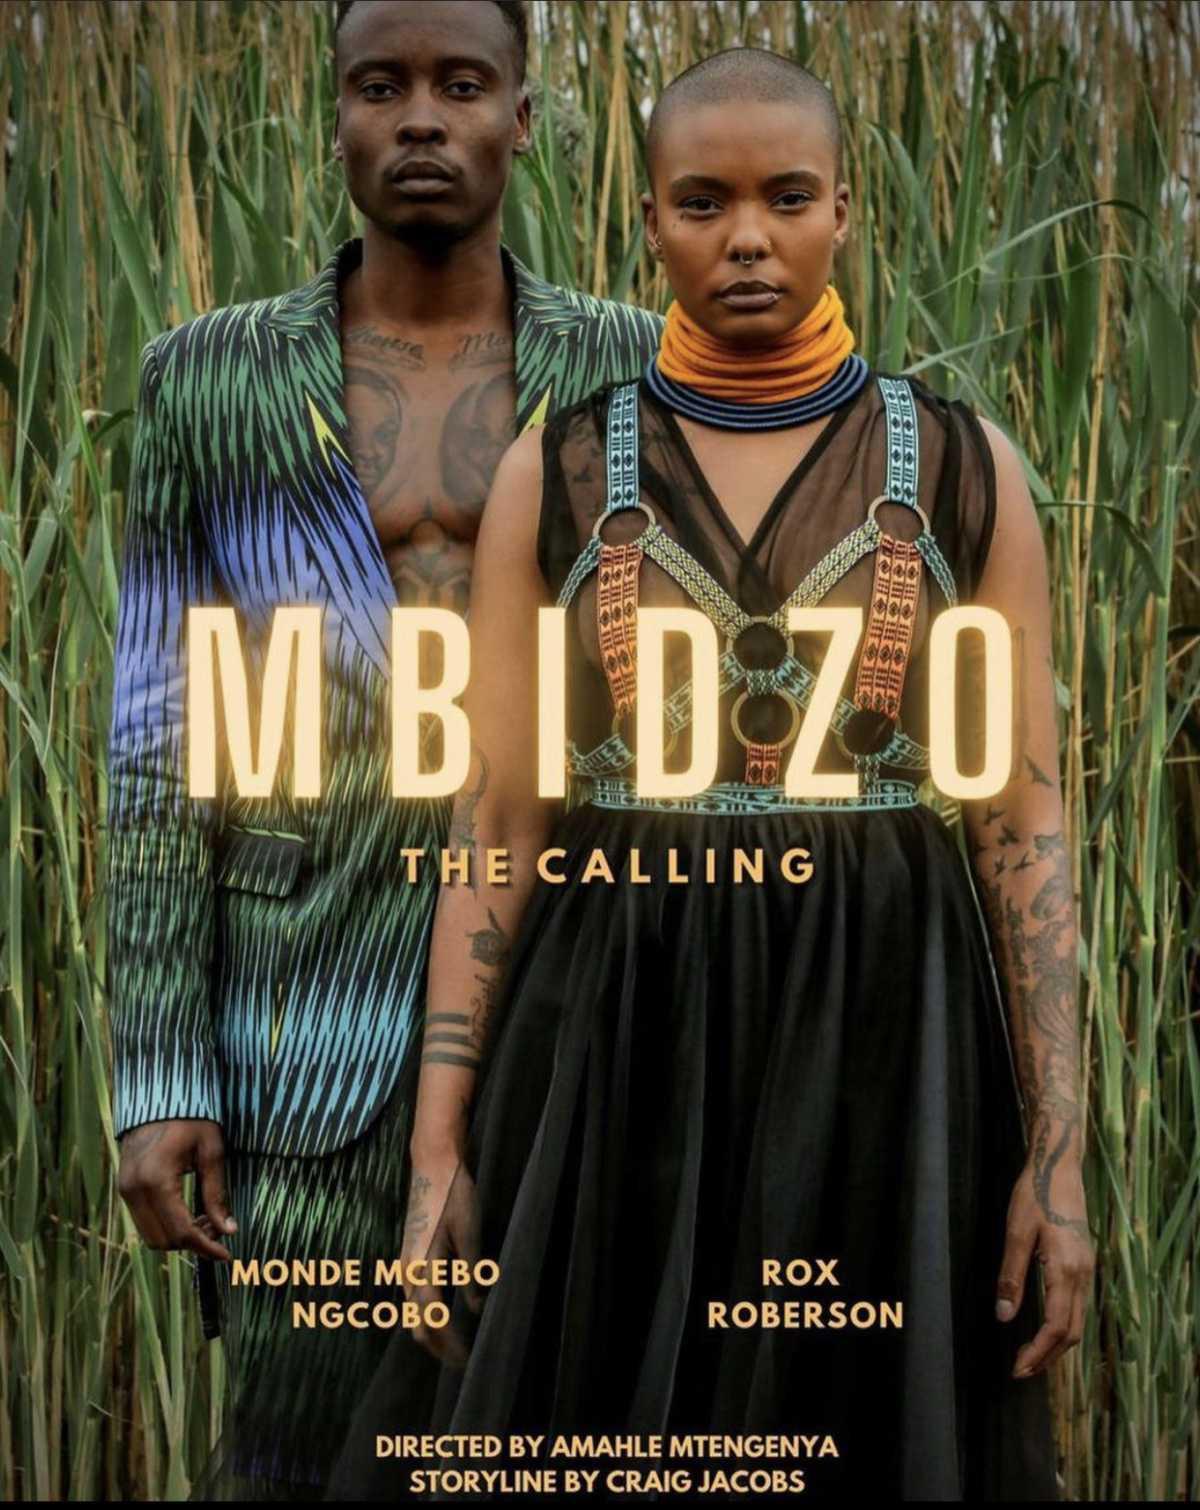 Mbidzo, the Calling